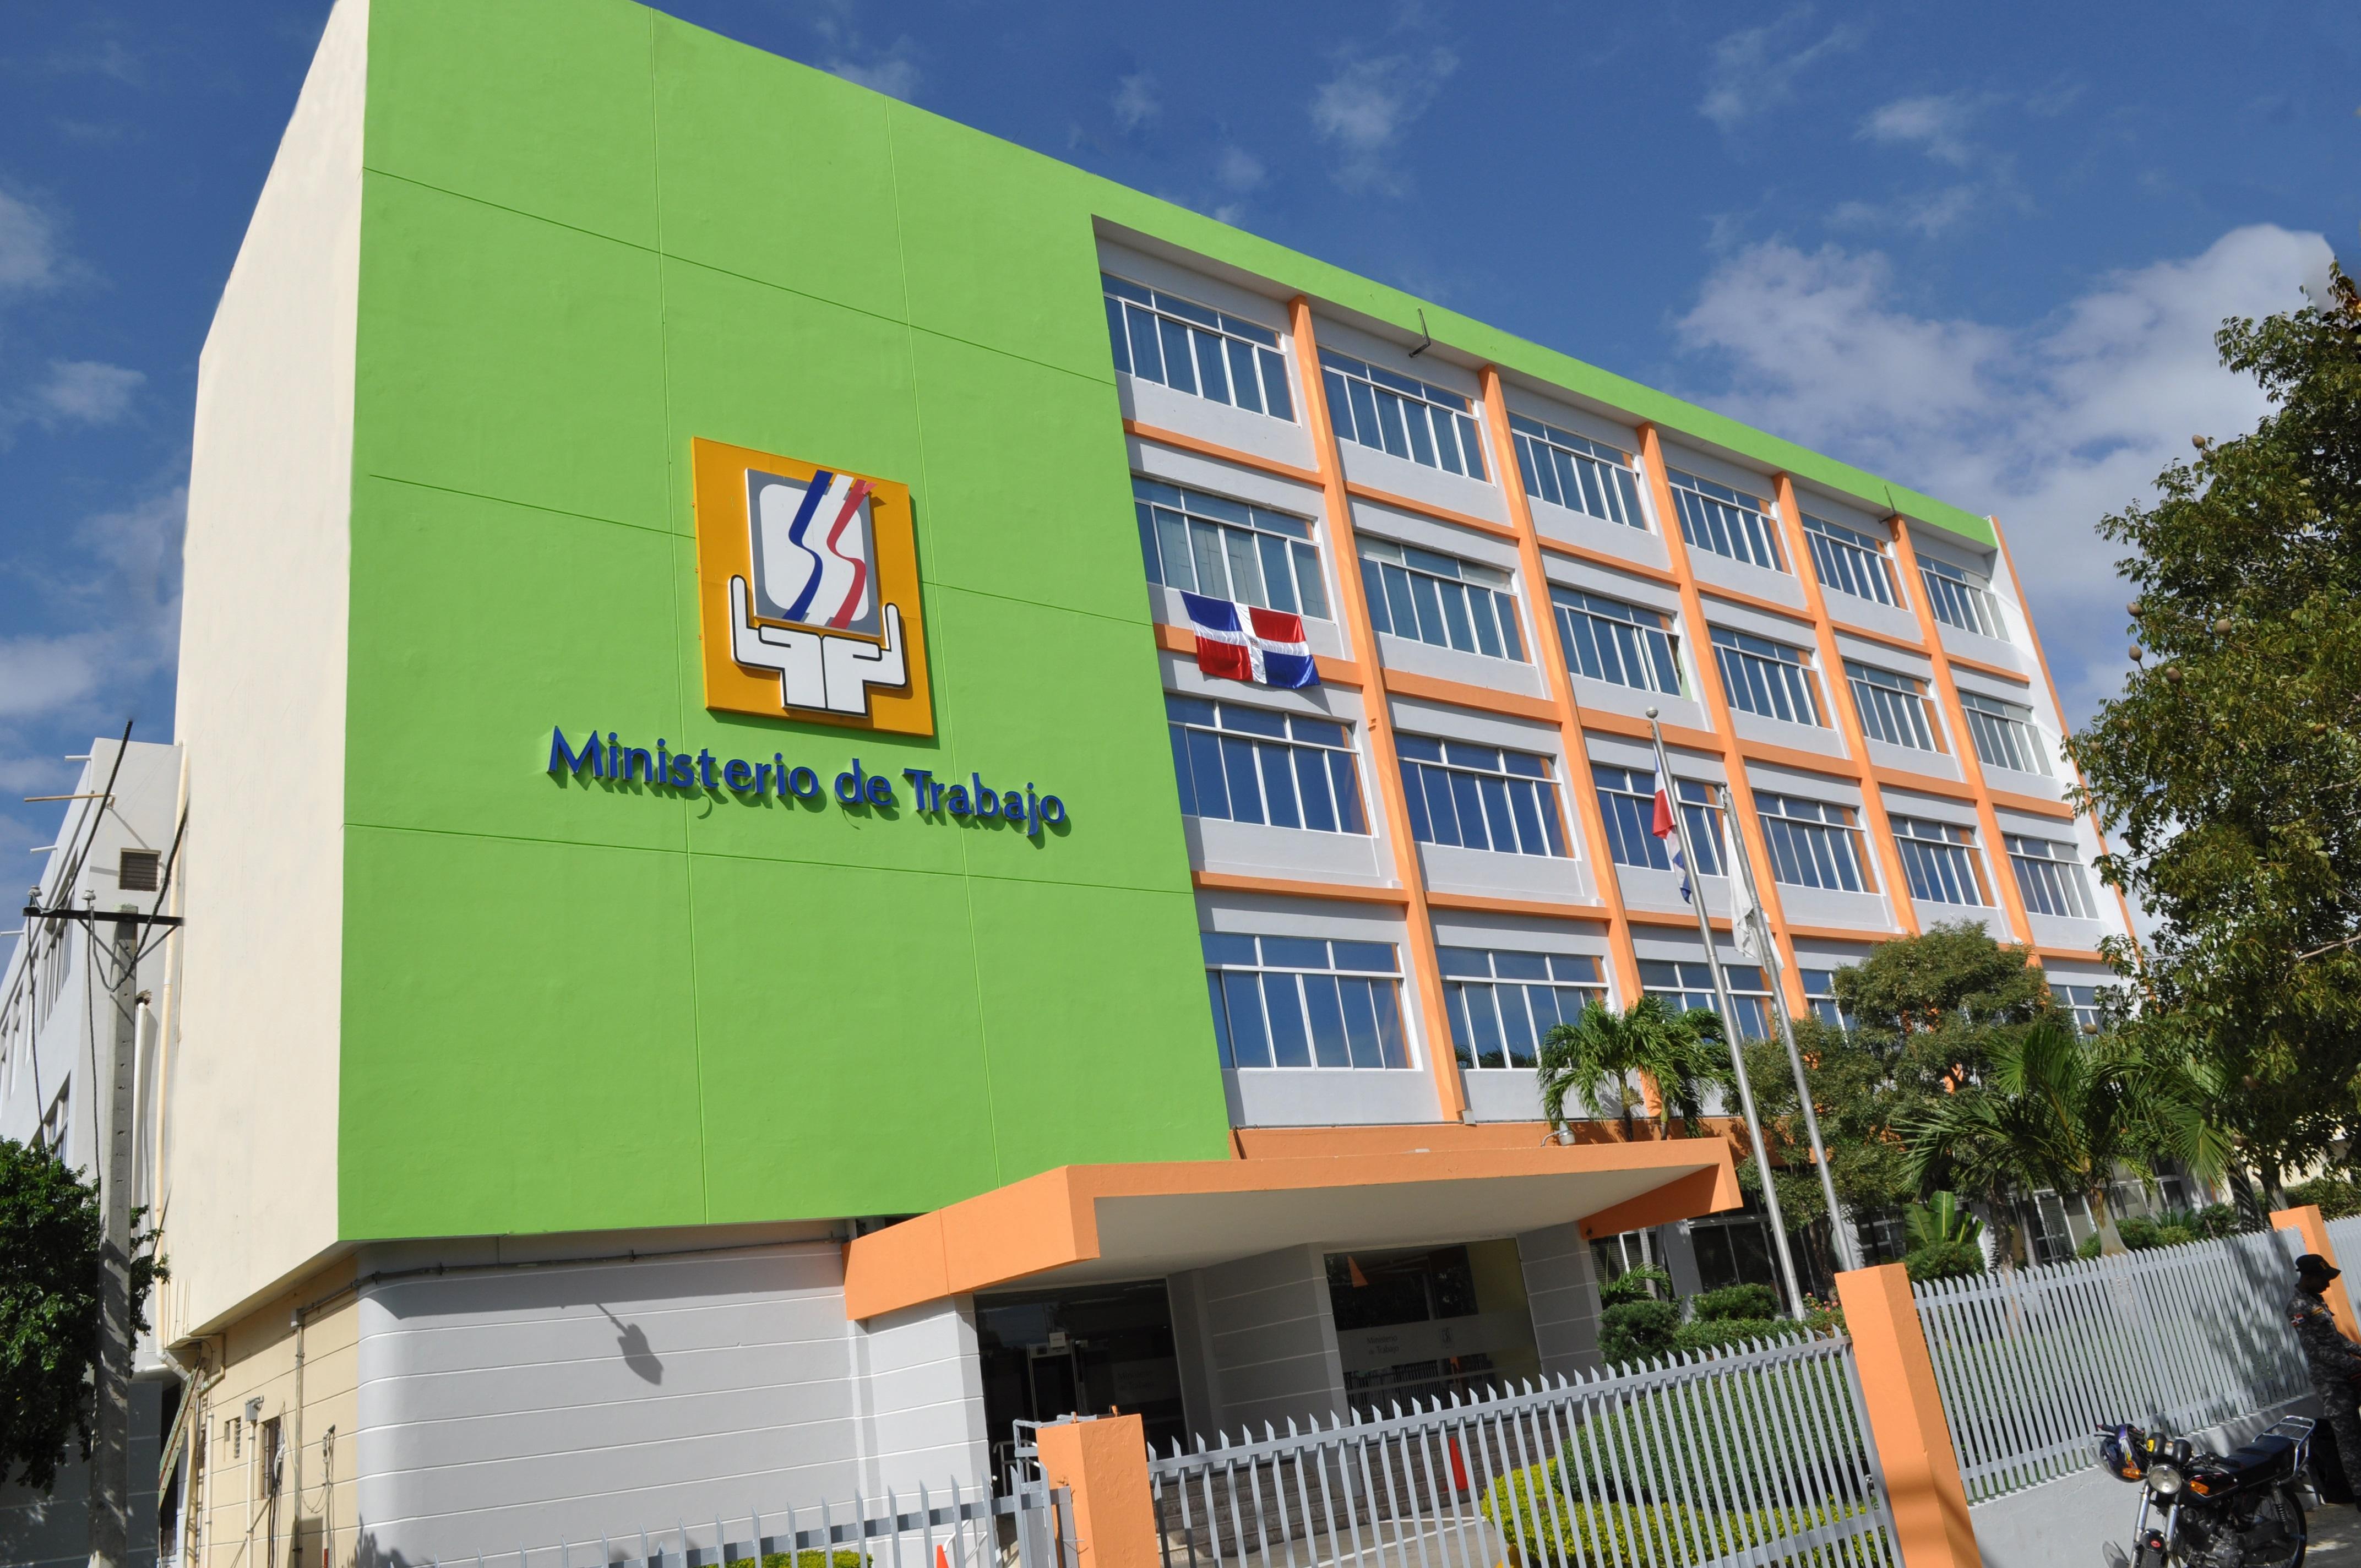 Ministerio de Trabajo da a conocer los días feriados para 2018